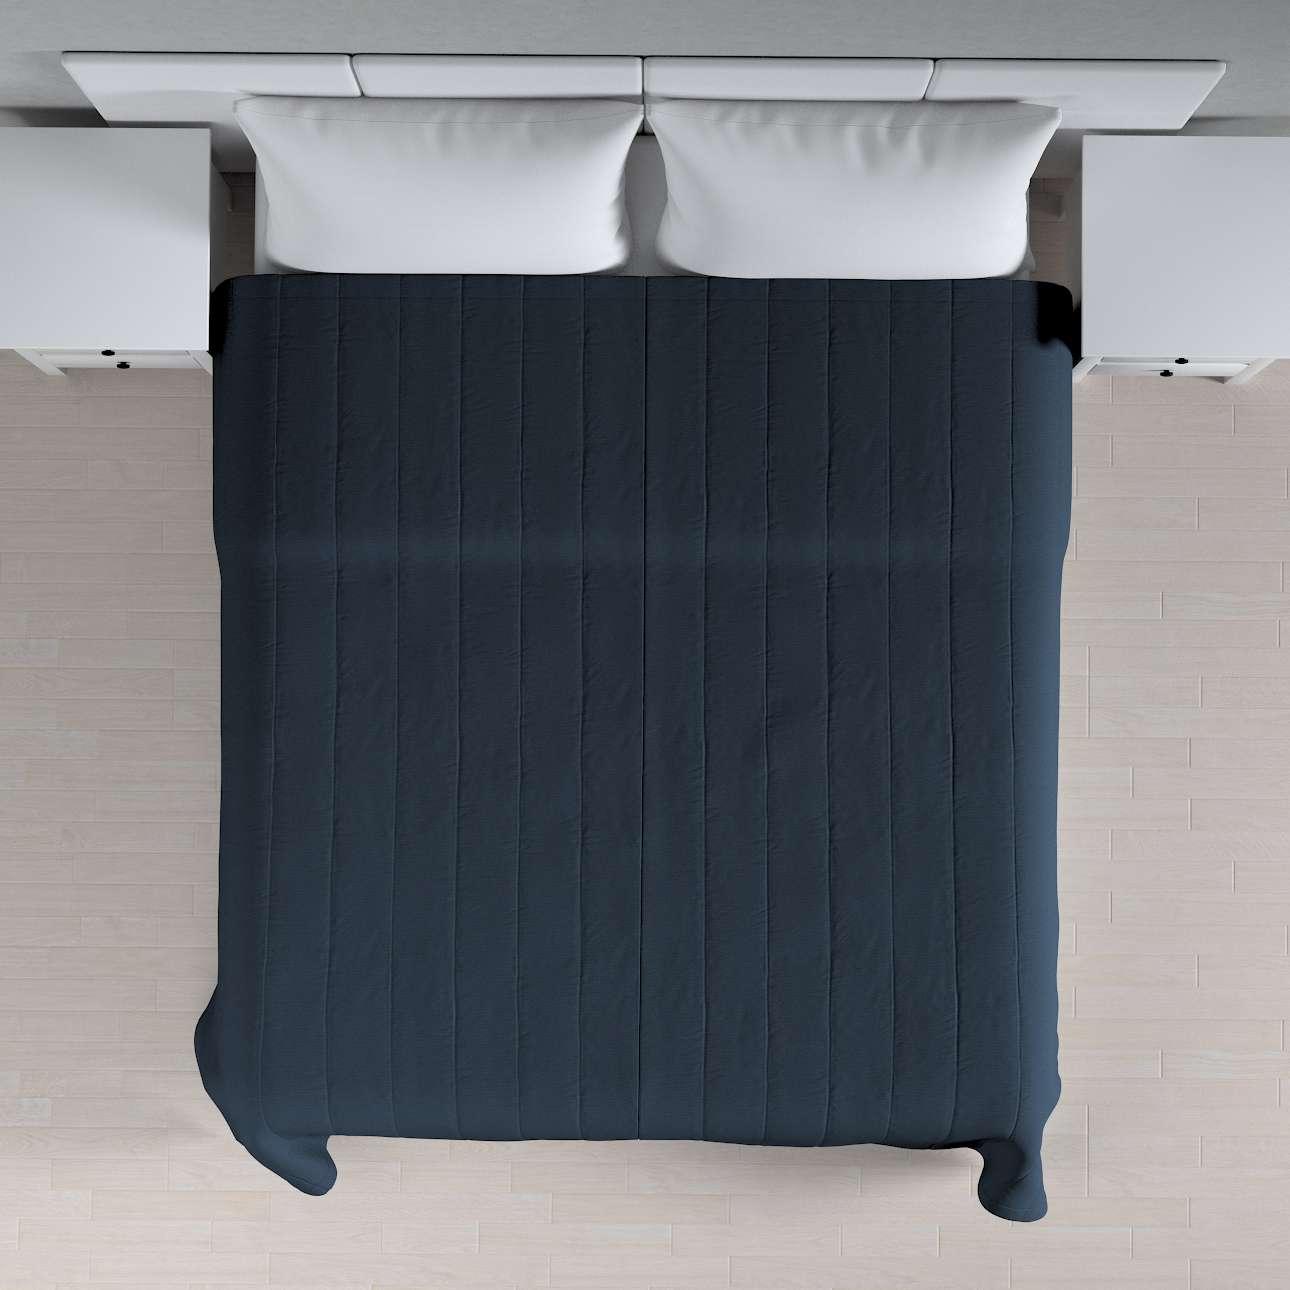 Einfacher Überwurf 260 x 210 cm von der Kollektion Quadro, Stoff: 136-04